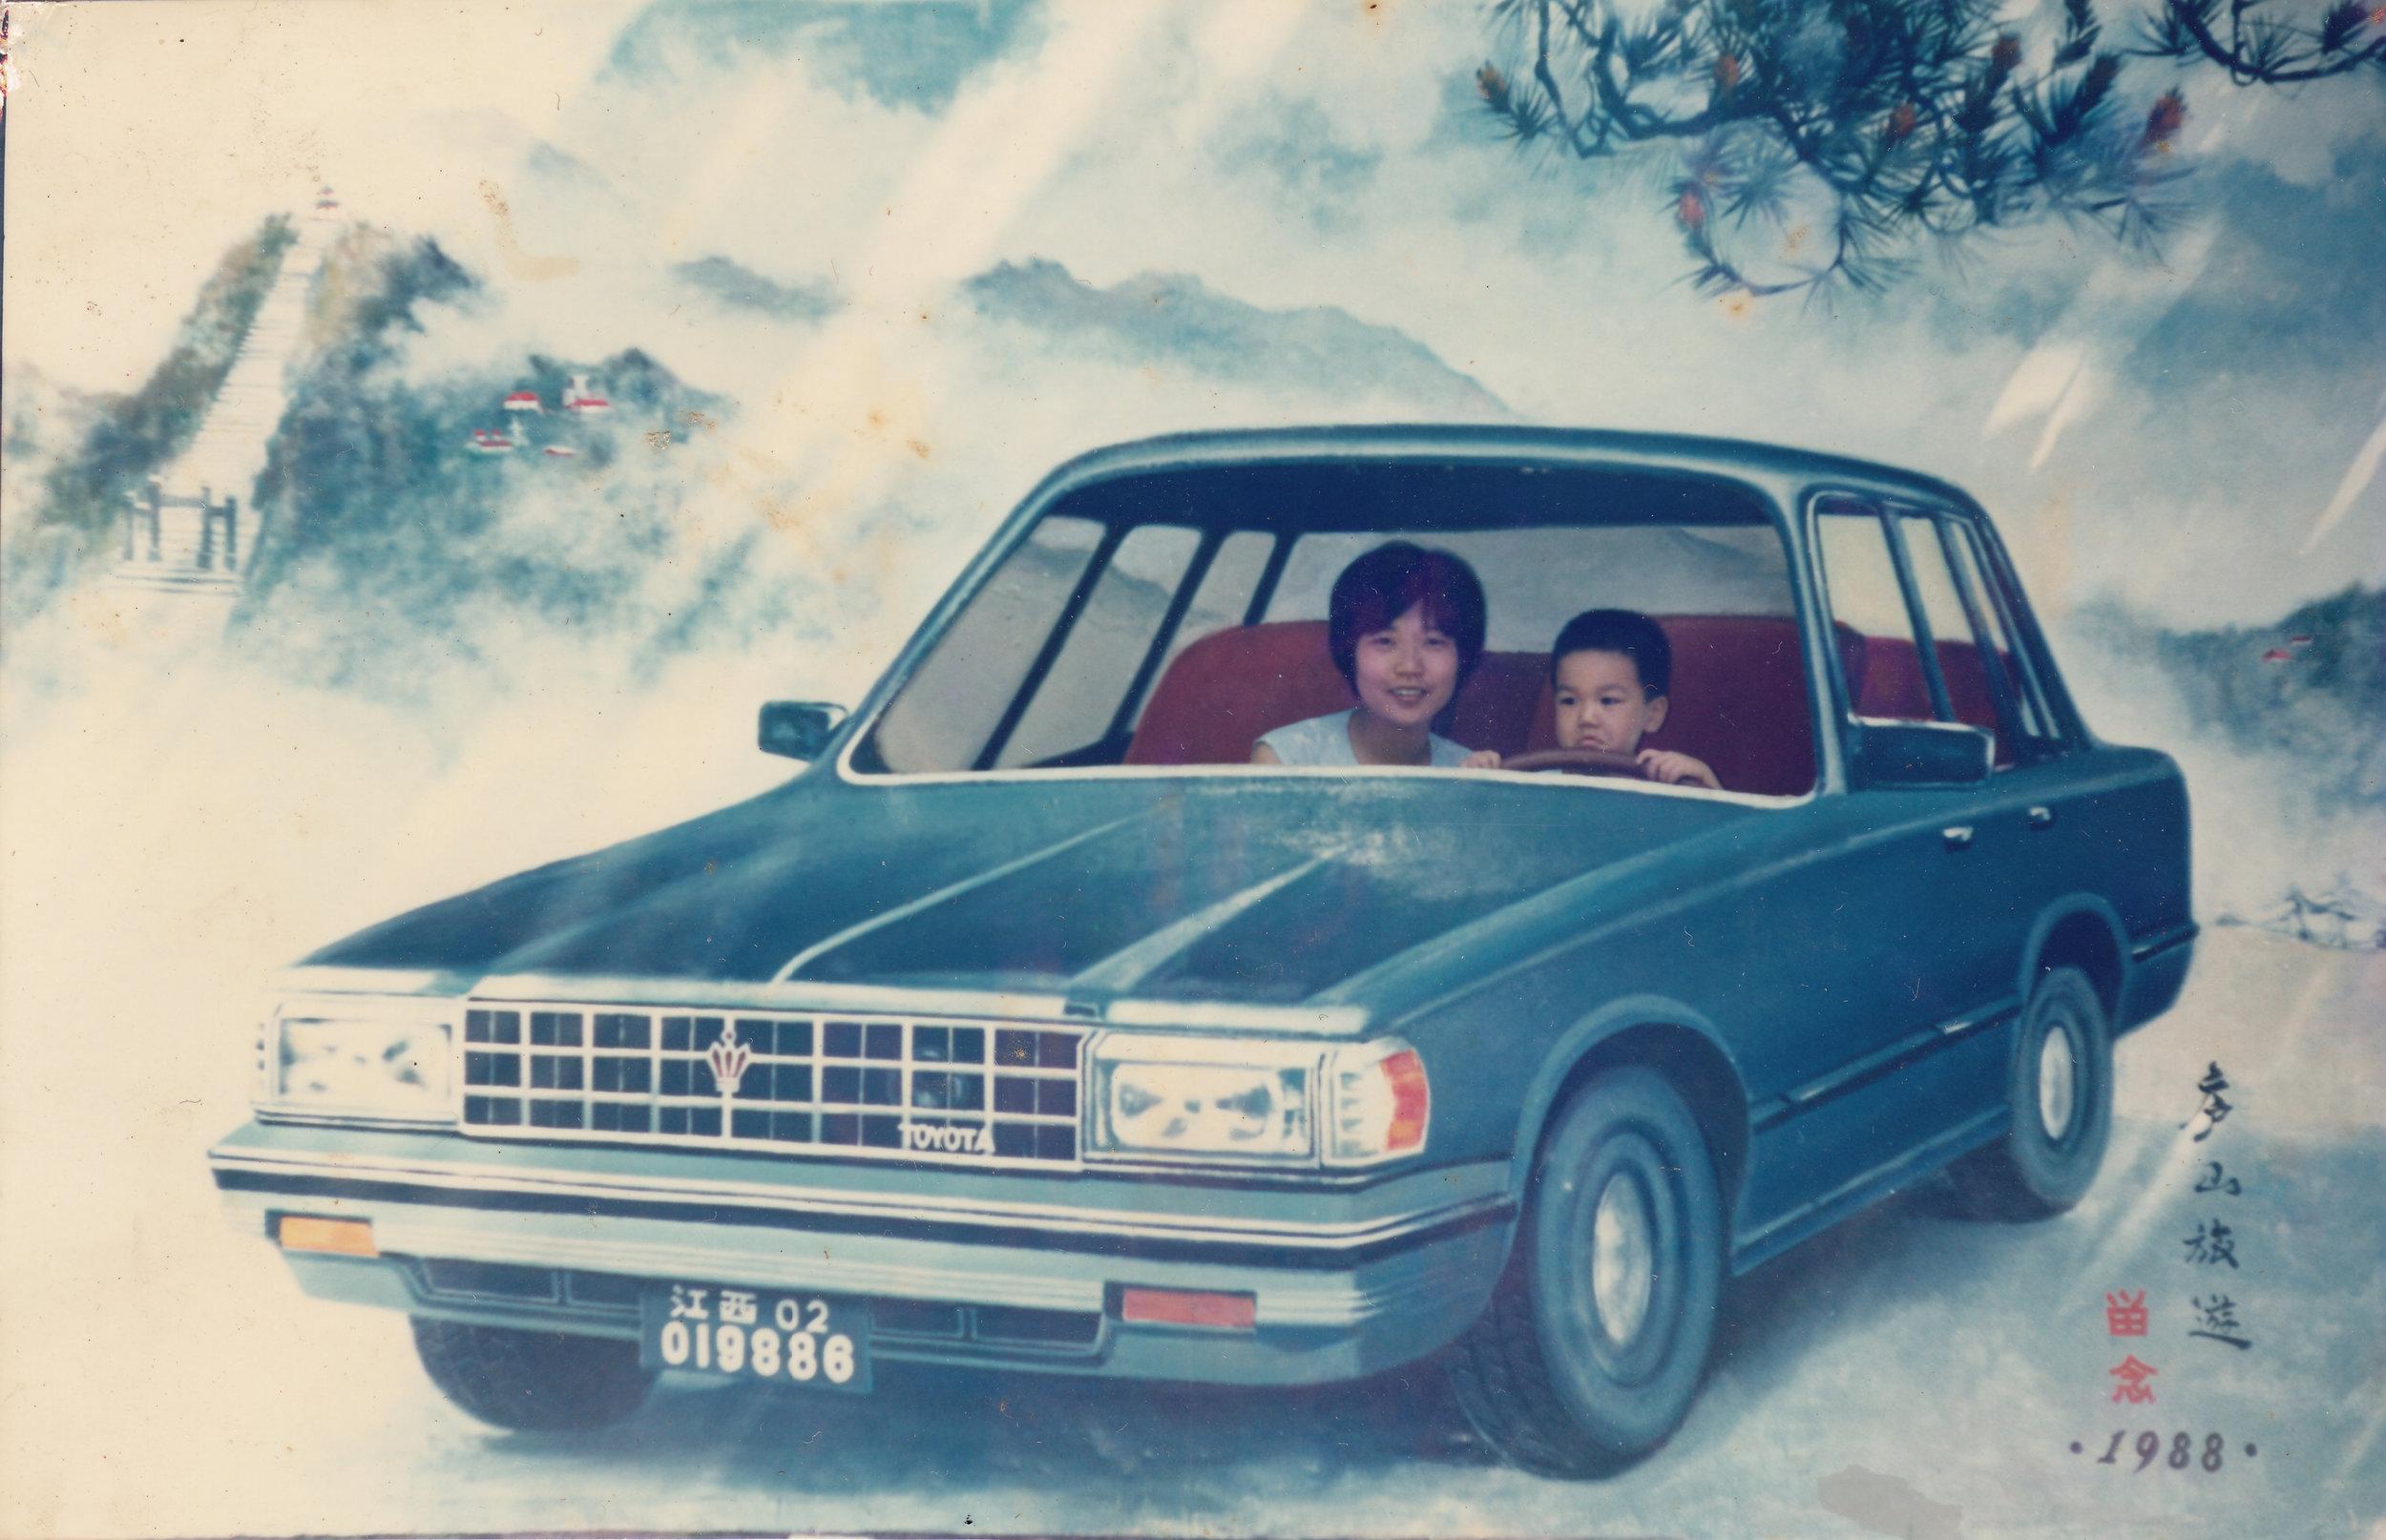 艺术家私人照片,描绘艺术家雷累和他的母亲在一家摄影工作室再现庐山的风景 ©雷磊,《庐山恋影院》